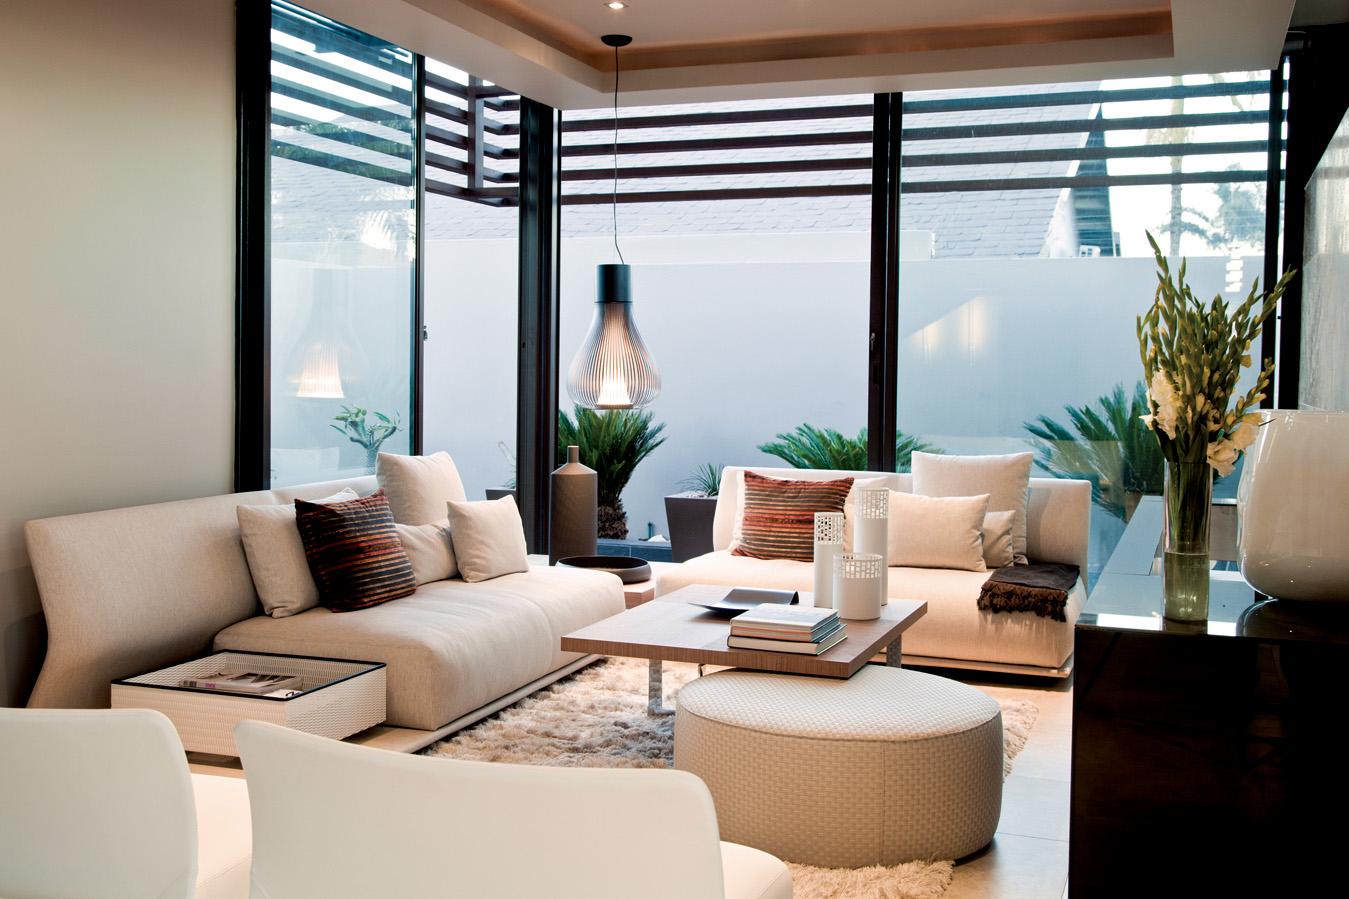 简约 欧式 田园 混搭 二居 三居 别墅 白领 旧房改造 客厅图片来自元洲装饰木子在简约风格装修设计的分享